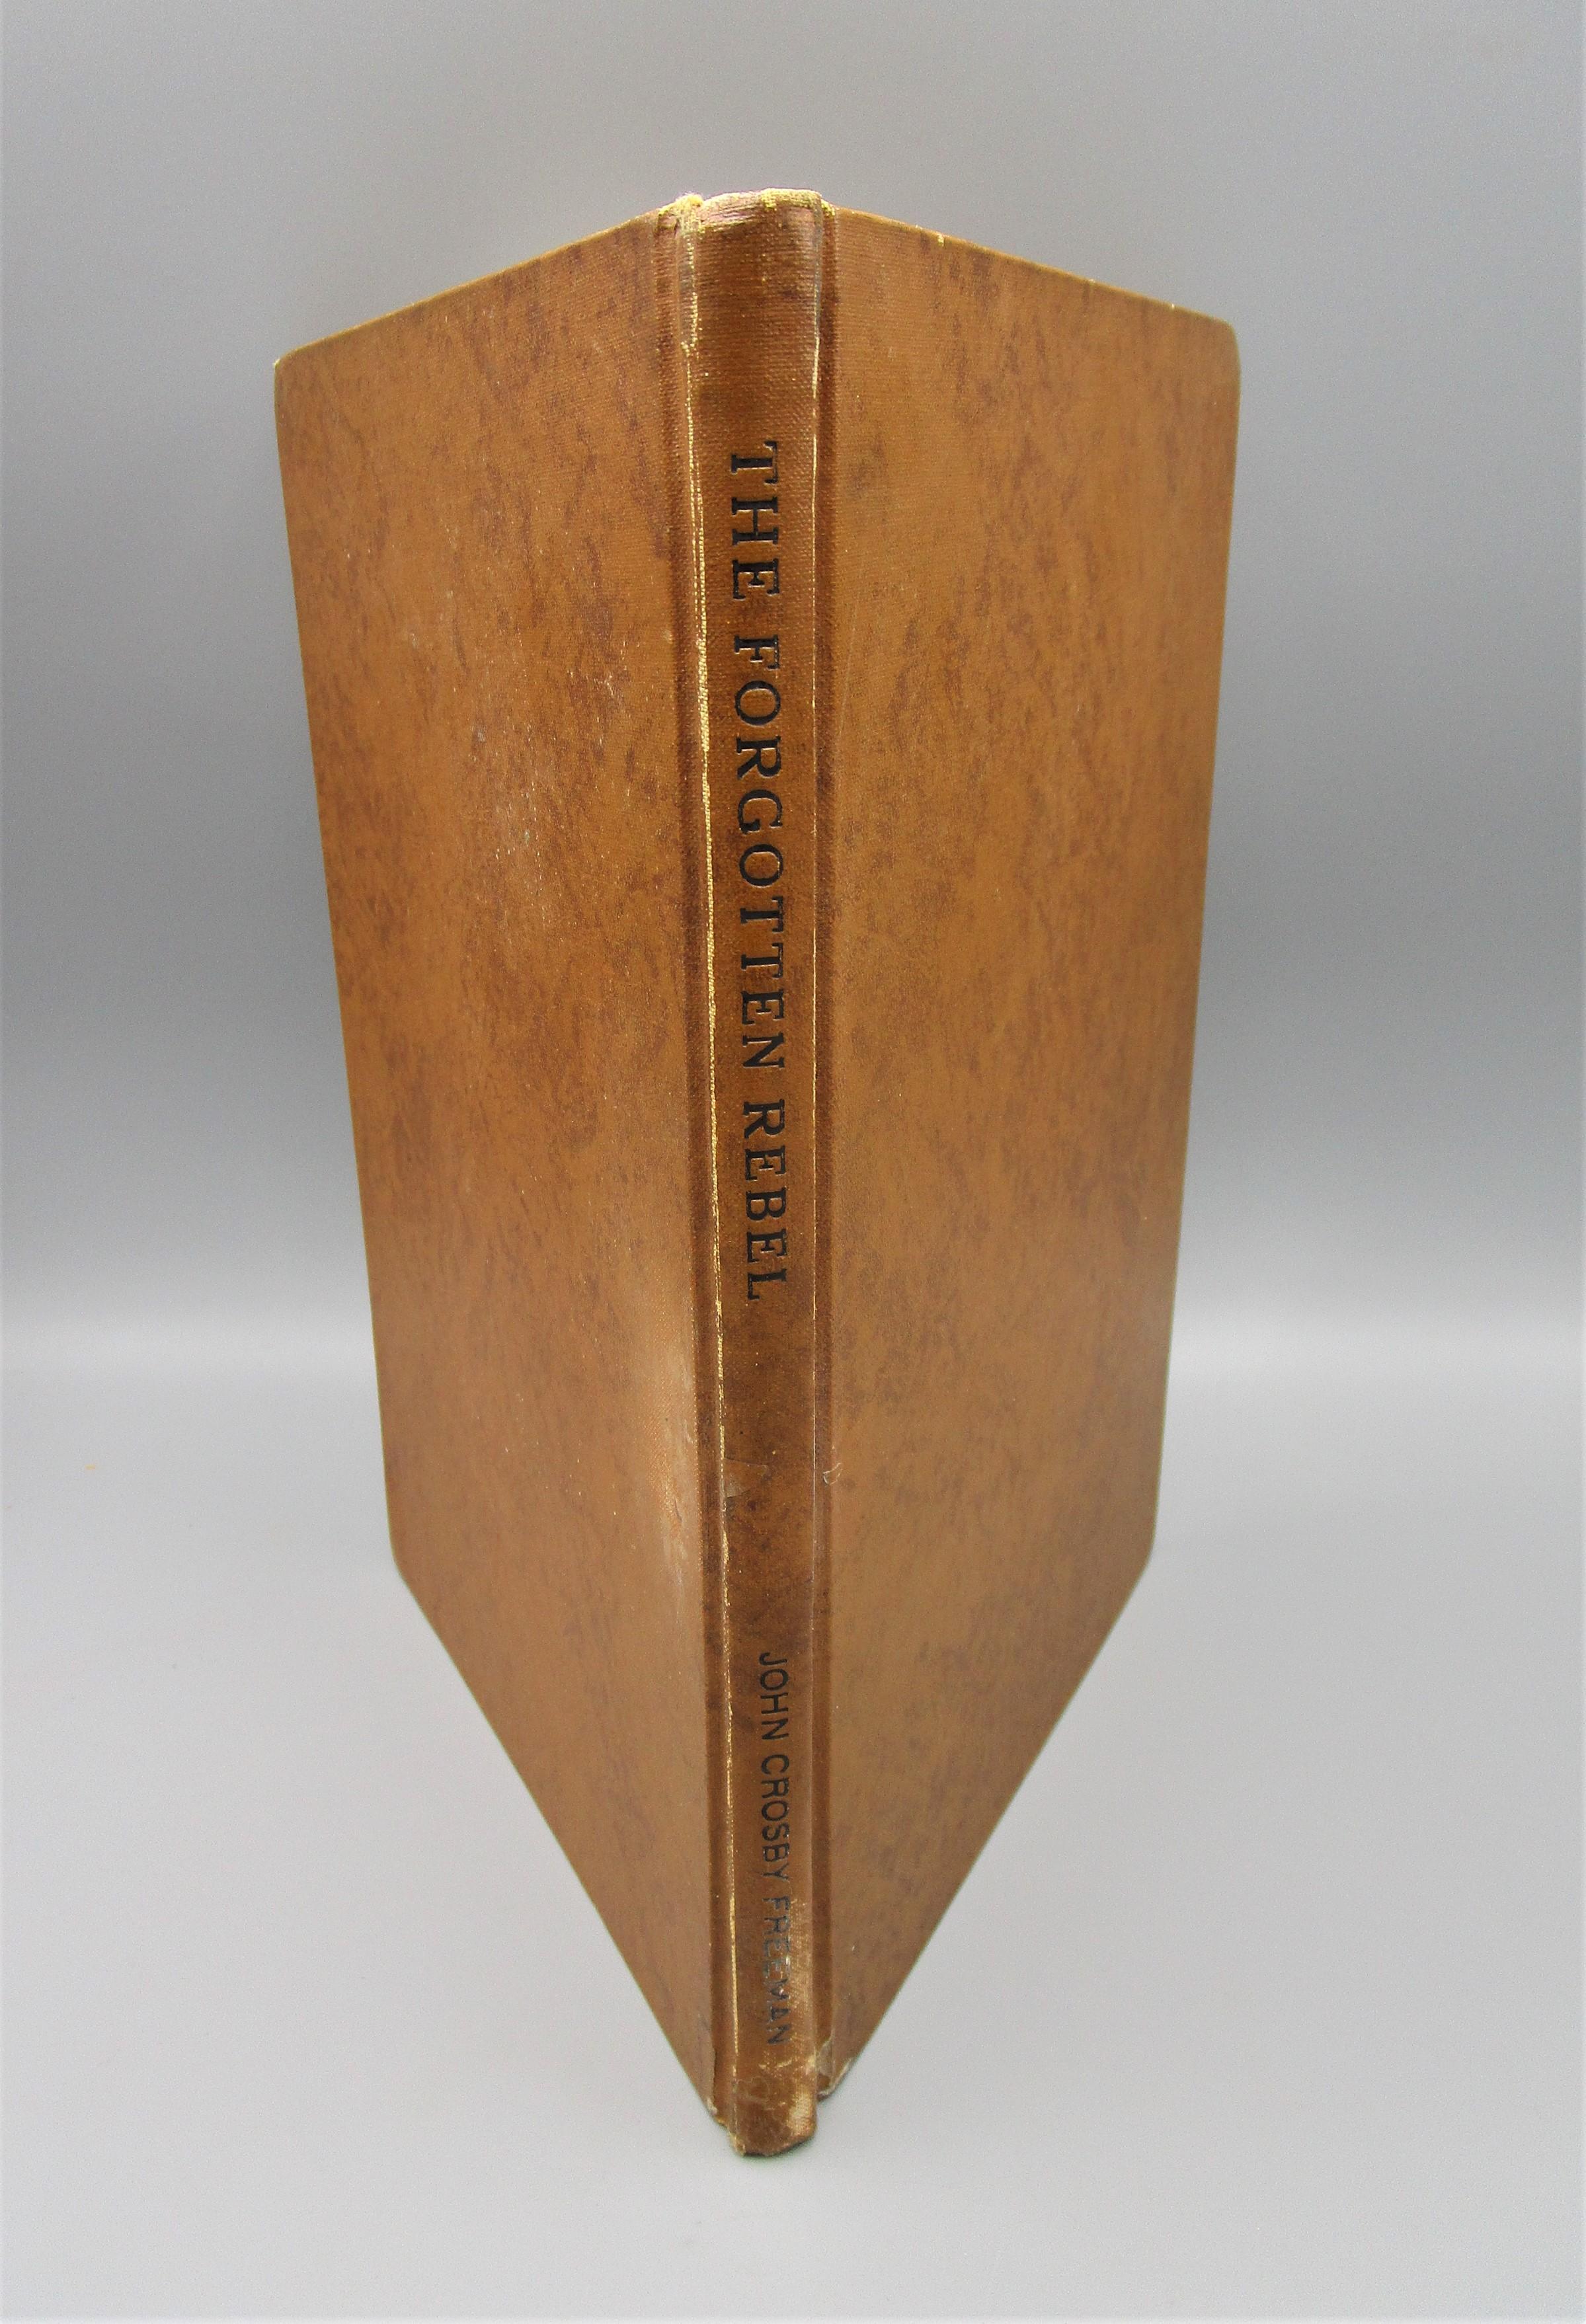 FORGOTTEN REBEL: GUSTAV STICKLEY, by John C. Freeman - 1966 [Signed Ltd Ed]